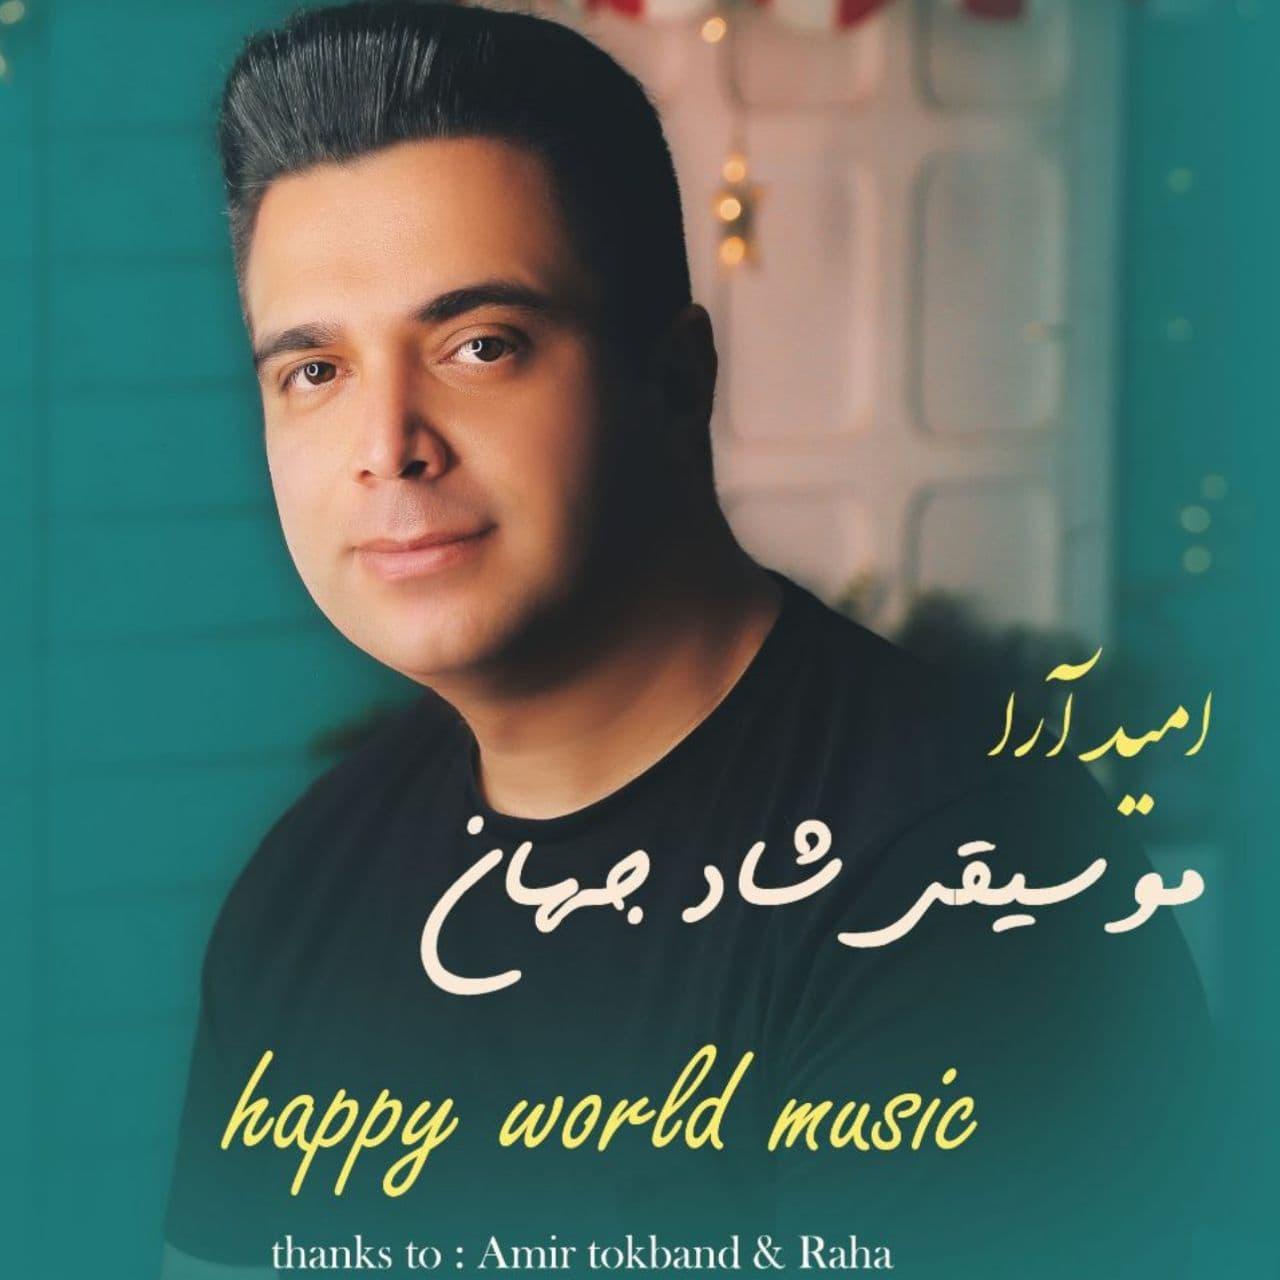 موسیقی شاد جهان